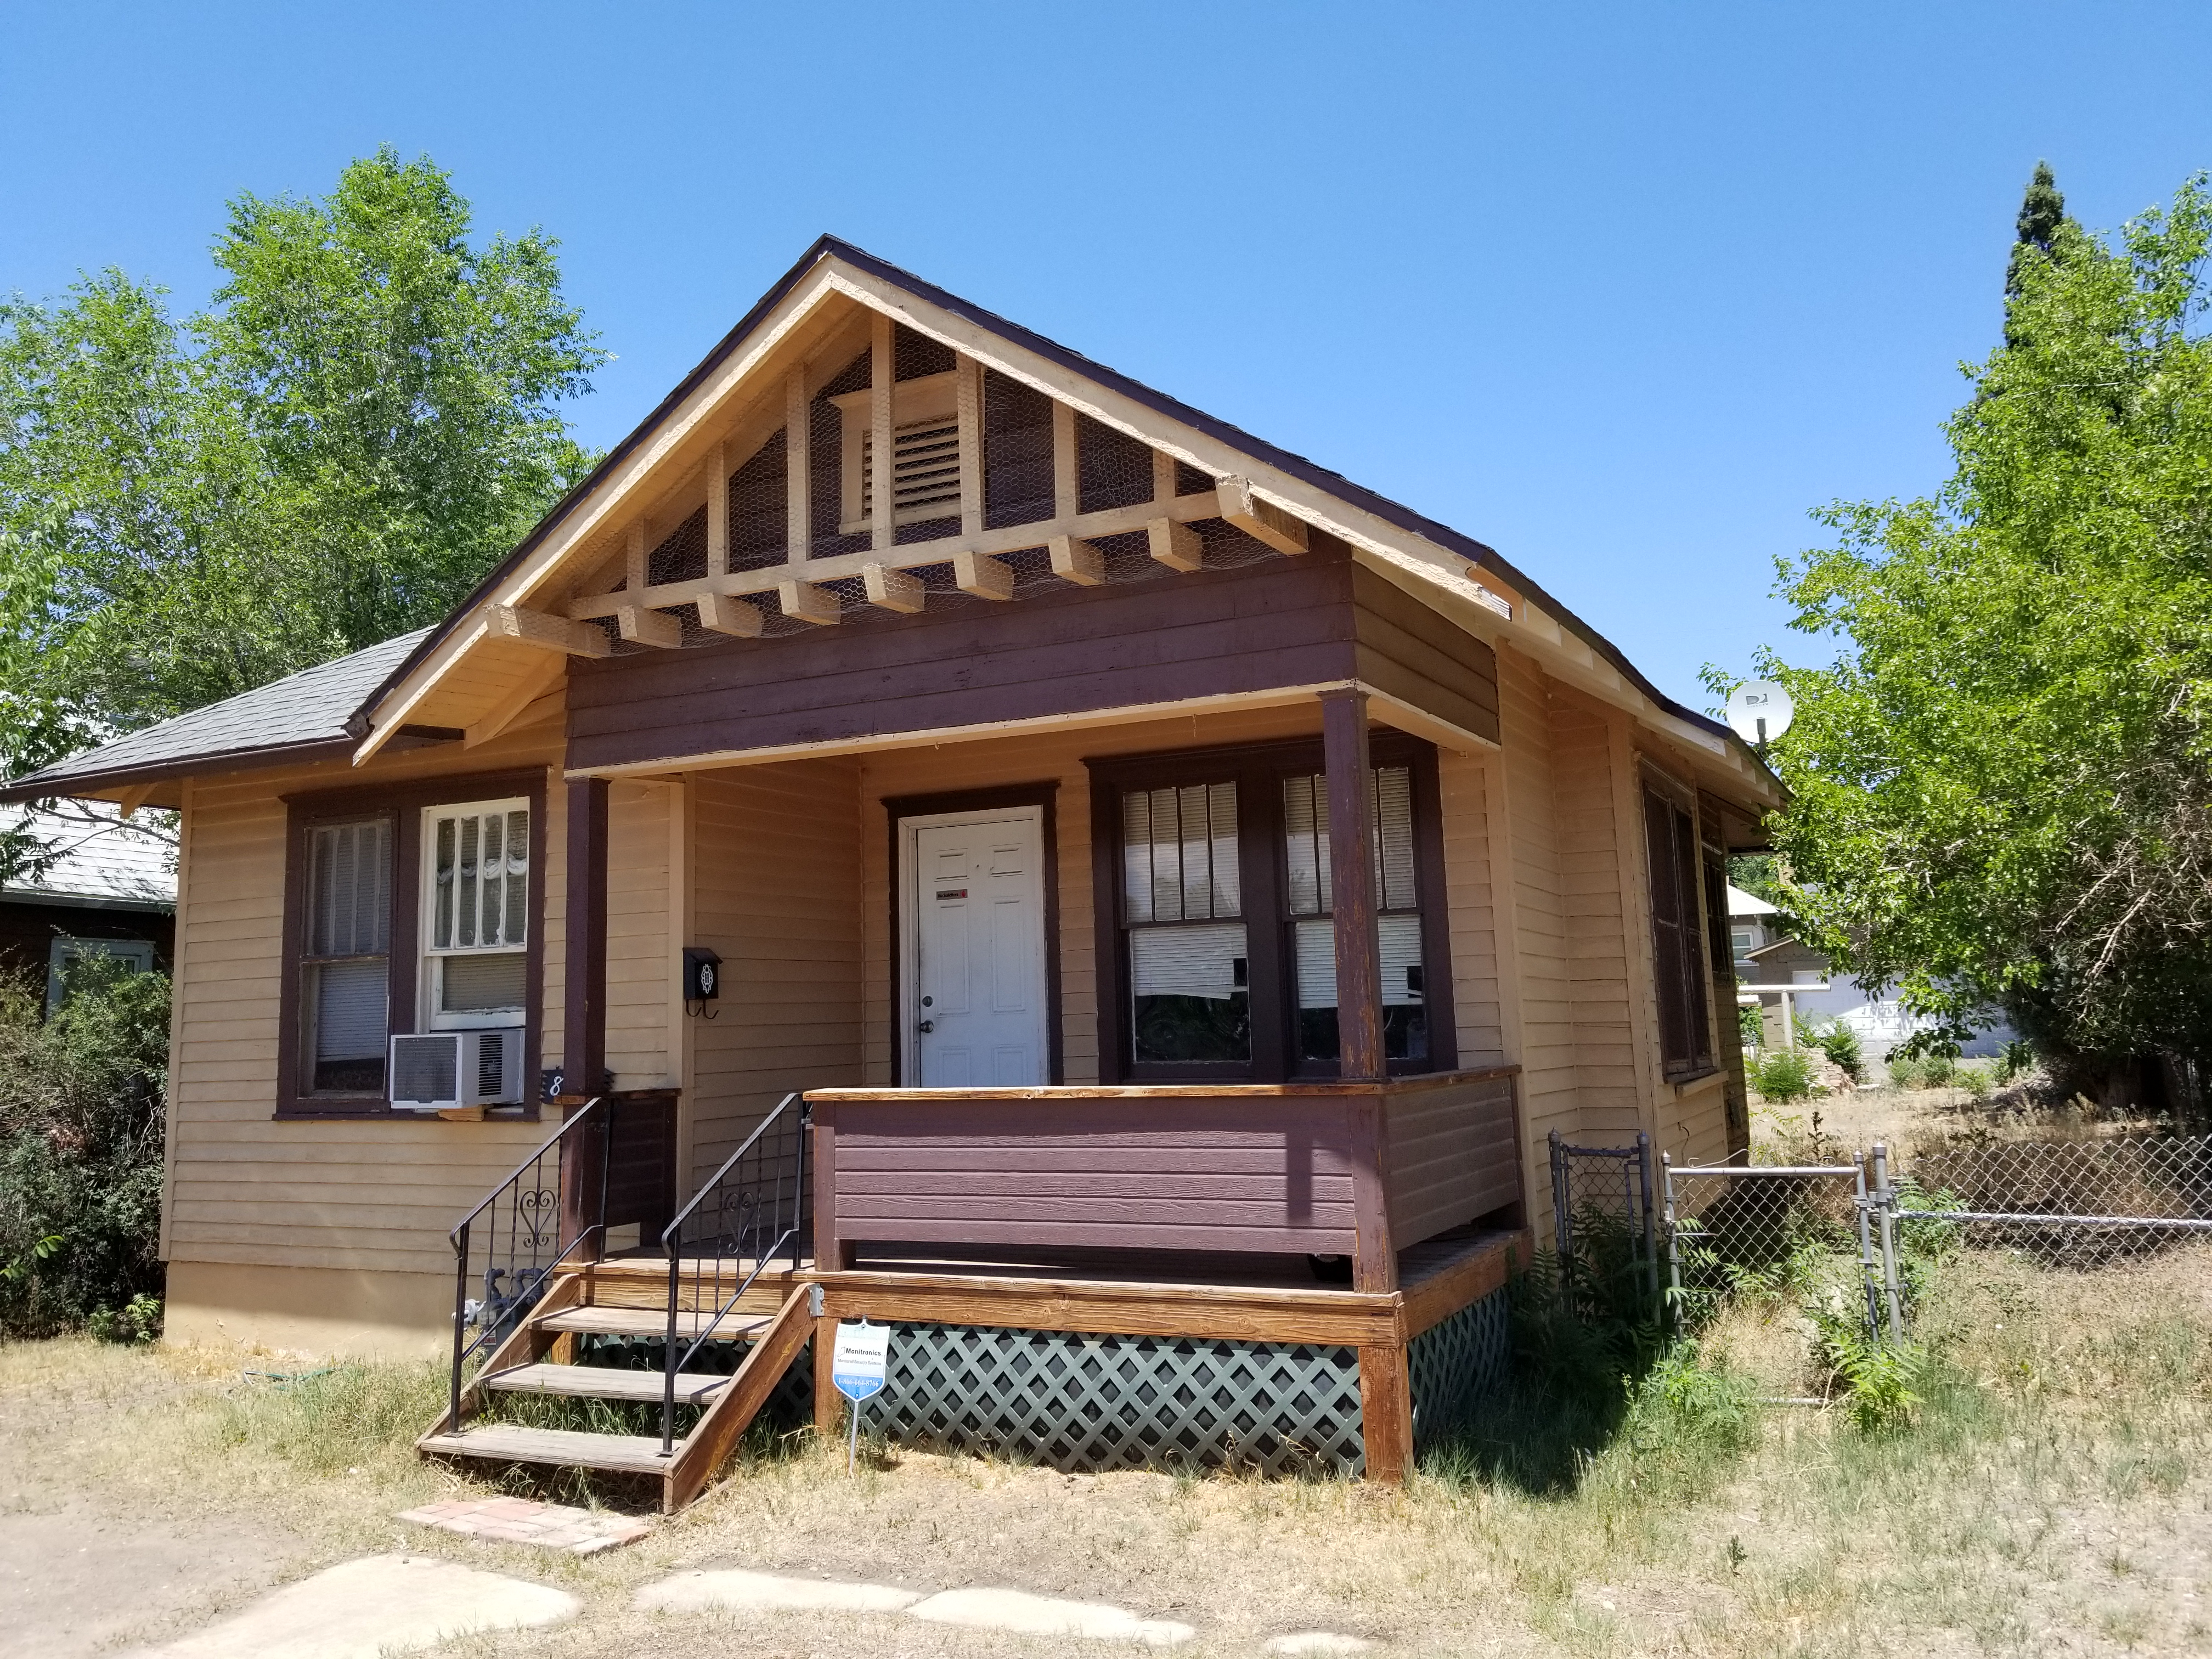 821 E 9th St Pueblo, CO